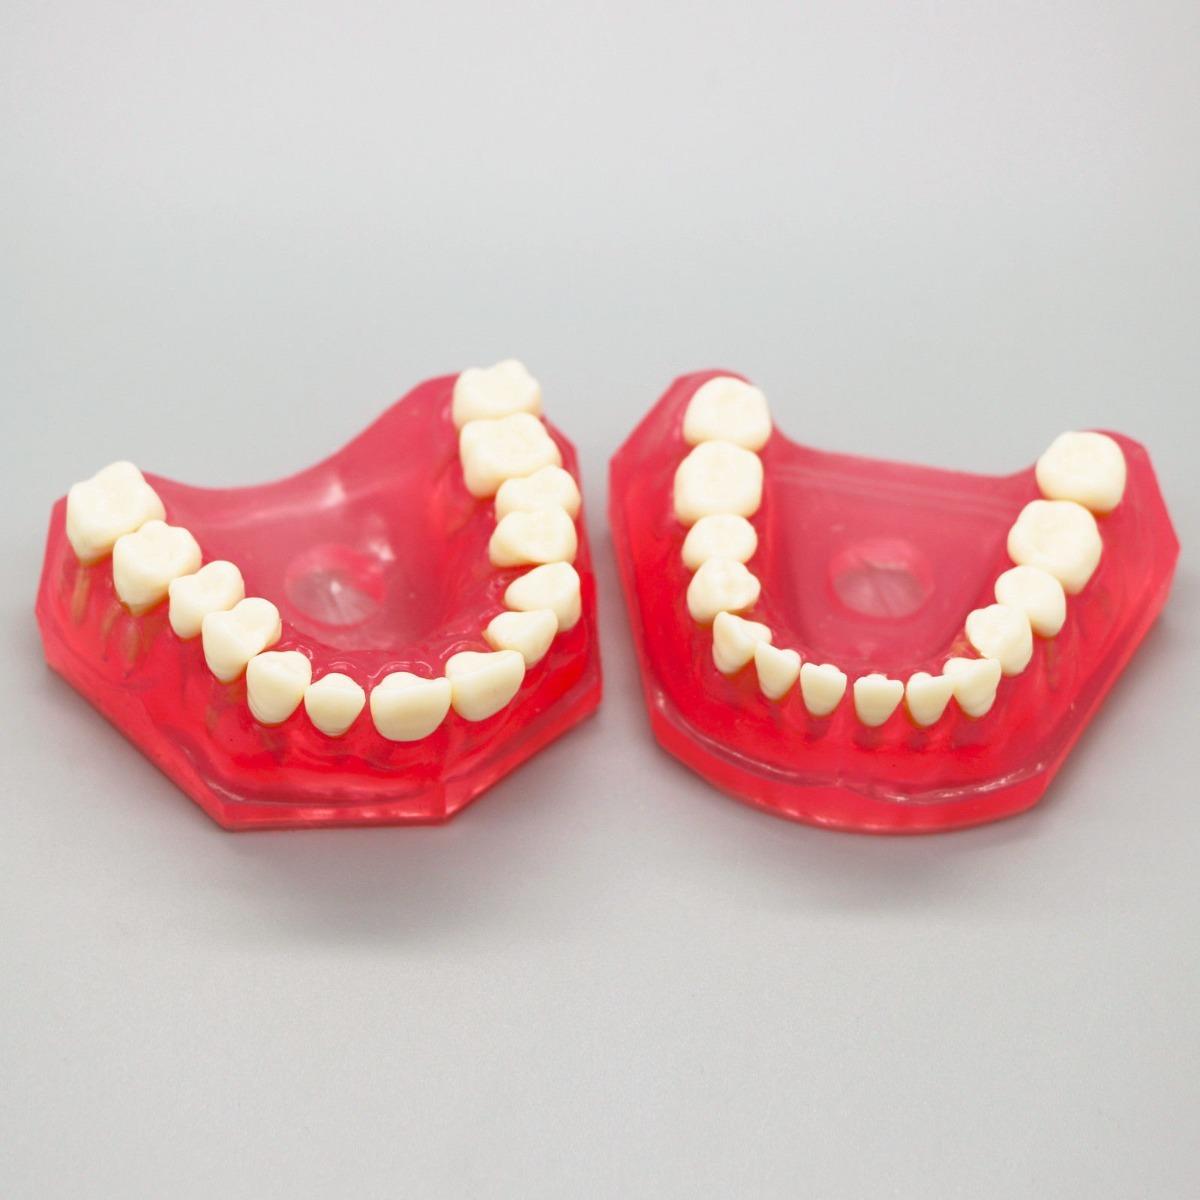 Modelo Dental Piezas Removibles Anatomía Odontología Dientes ...